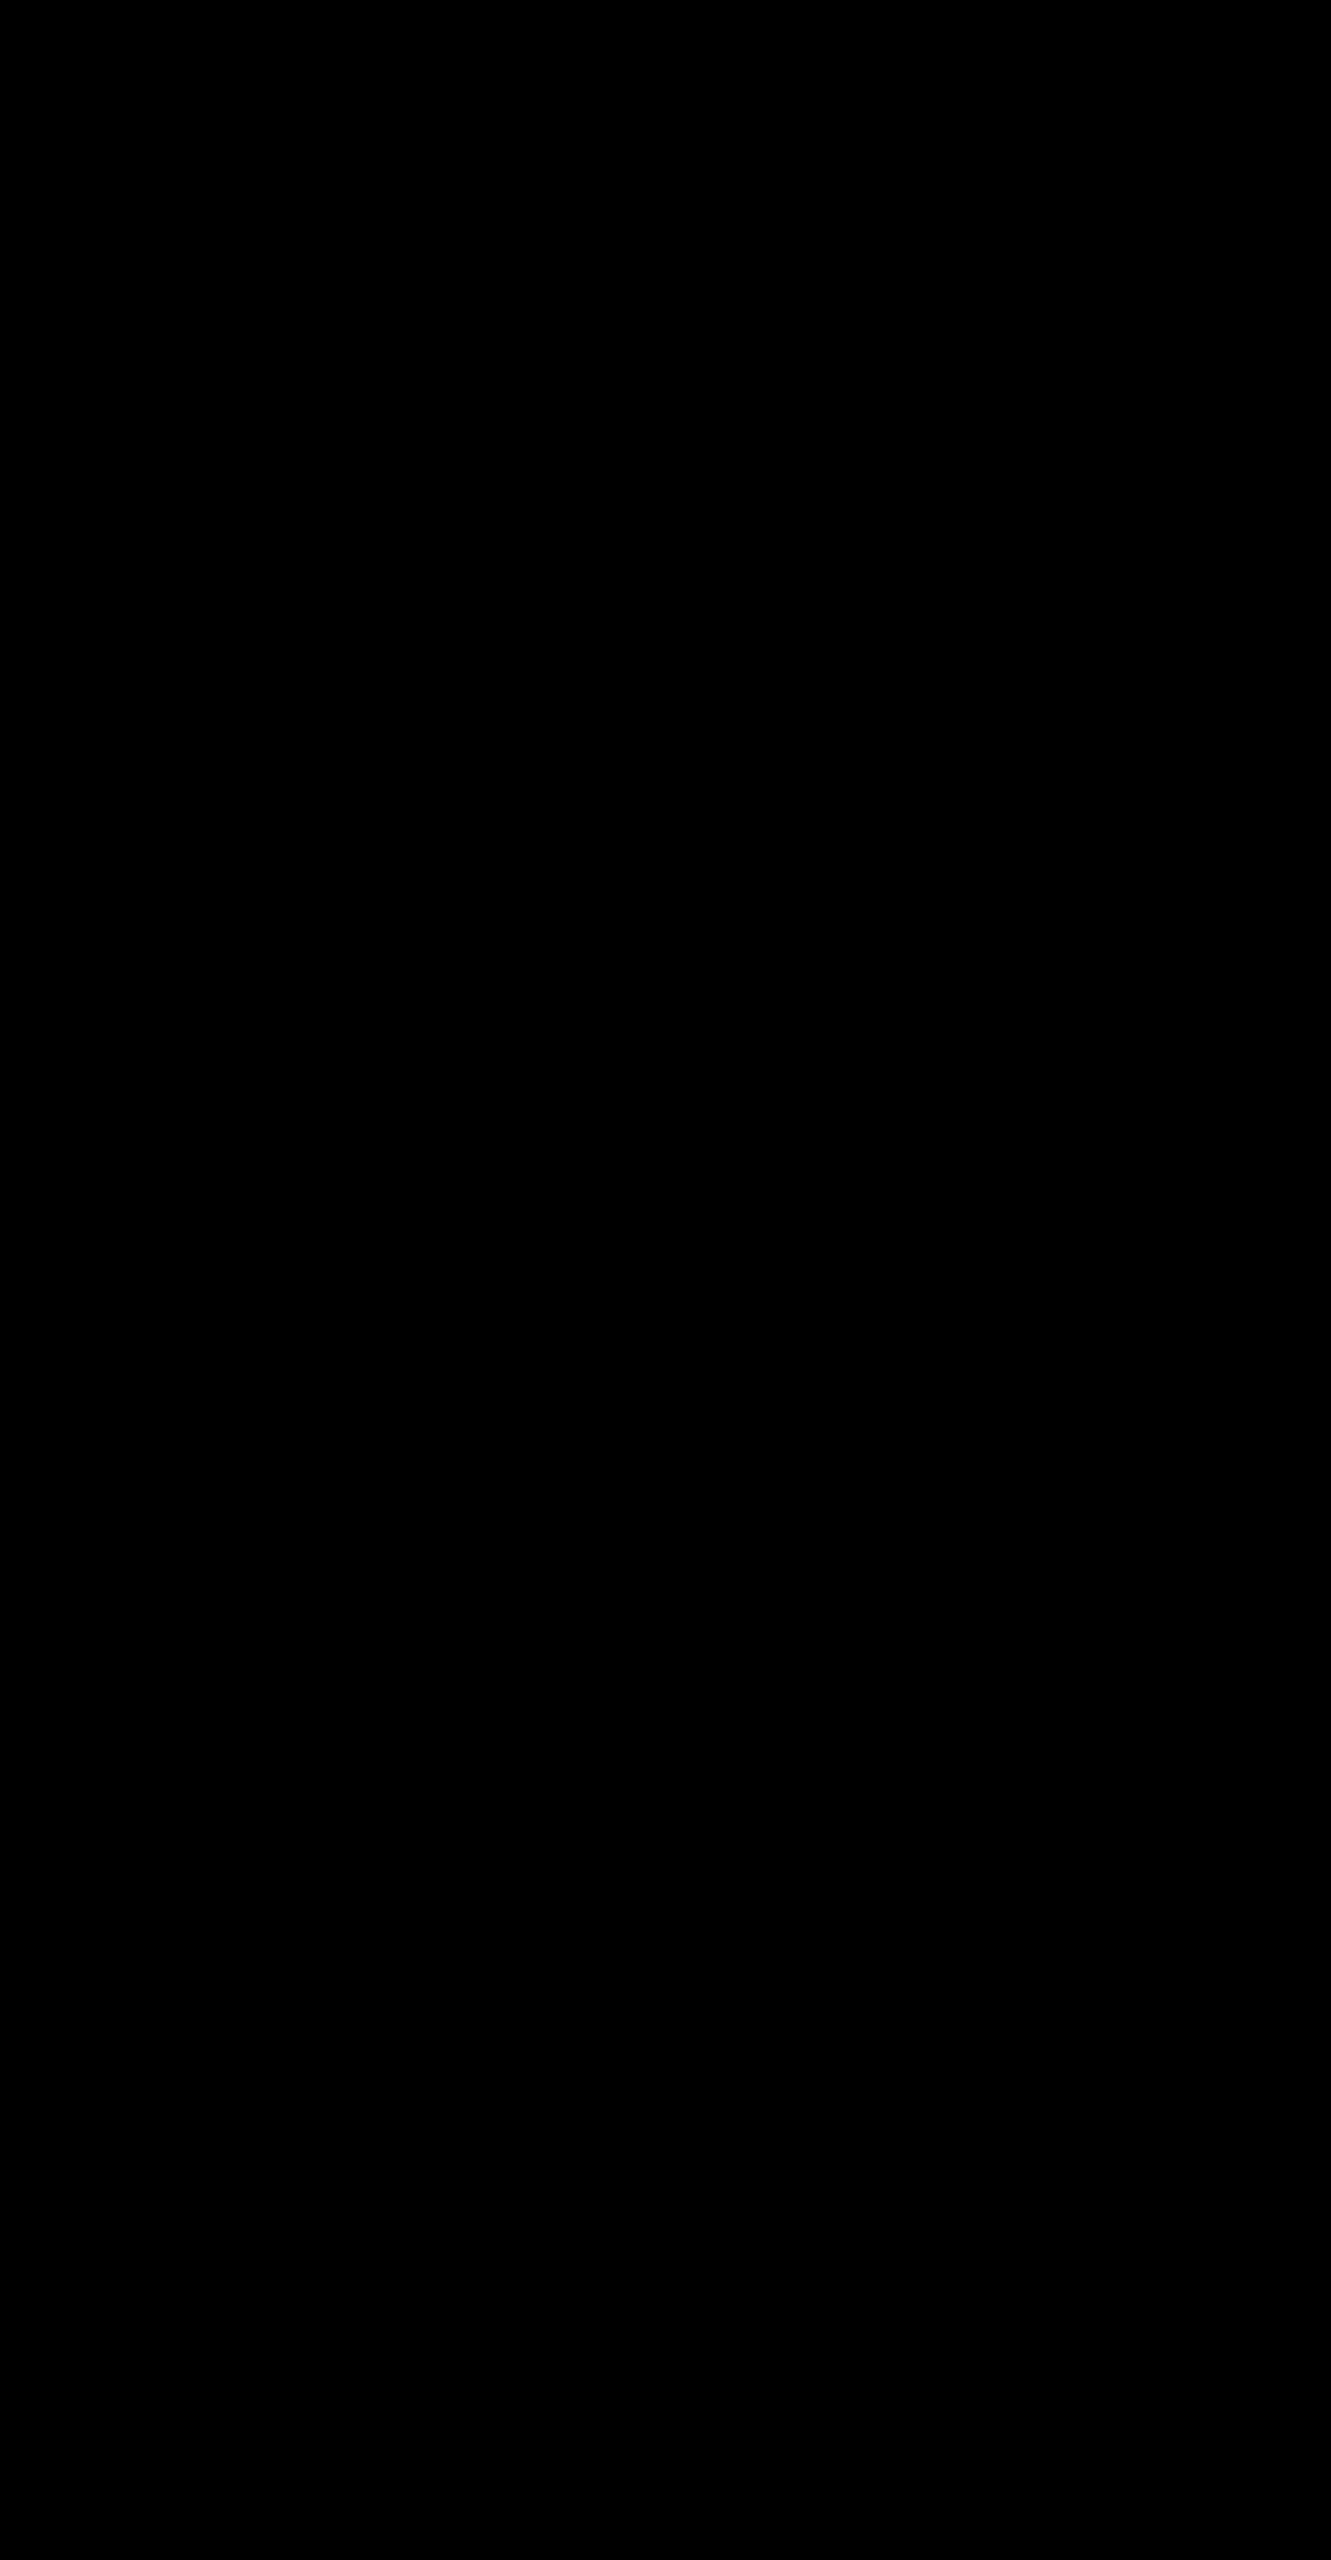 Dänischer Geschirrschrank um 1850